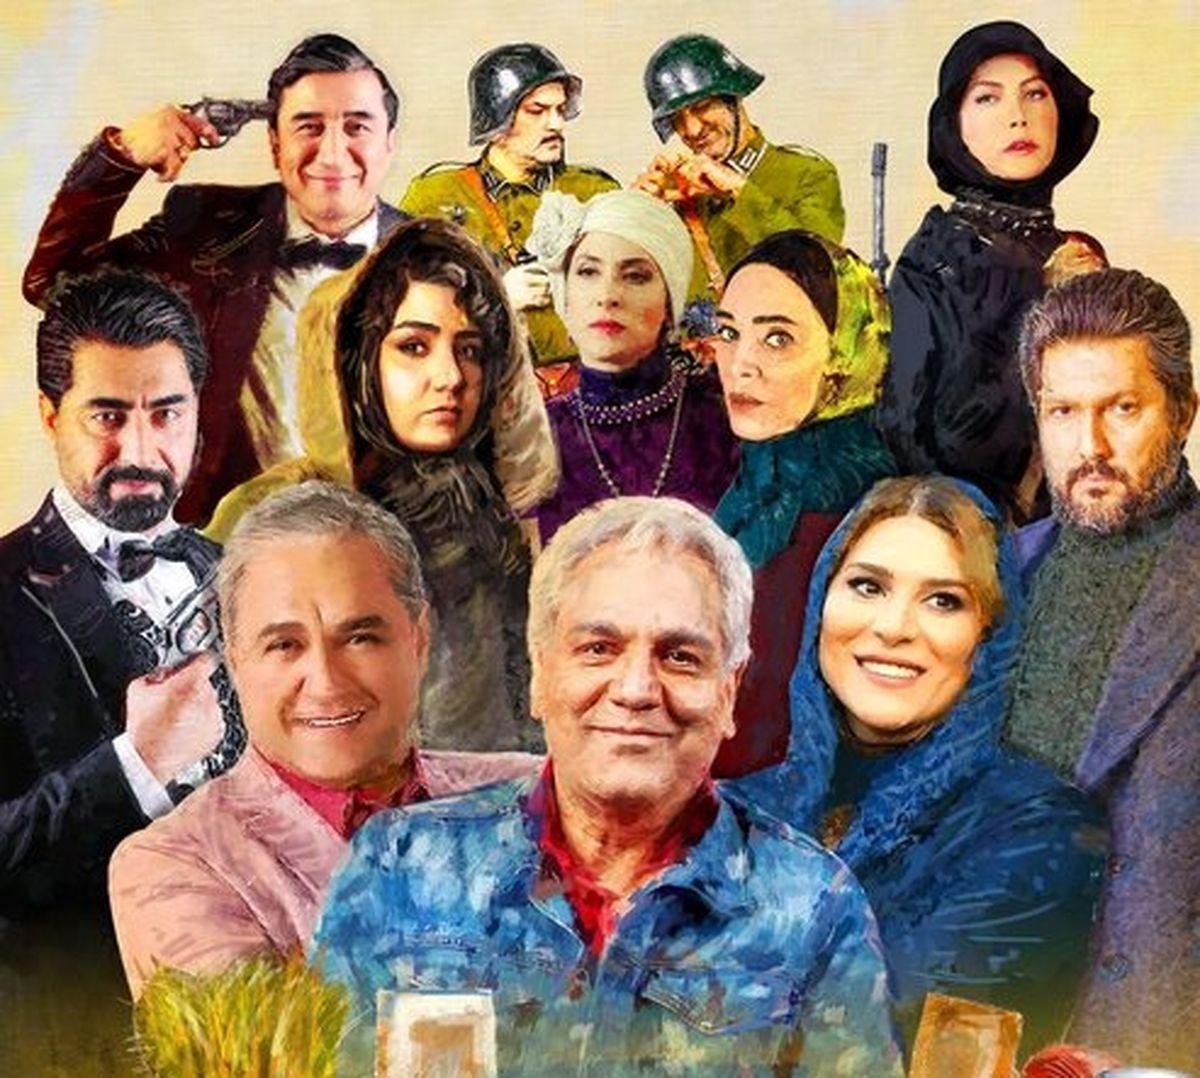 همه چیز درباره سریال دراکولا مهران مدیری!+تصاویر دیده نشده